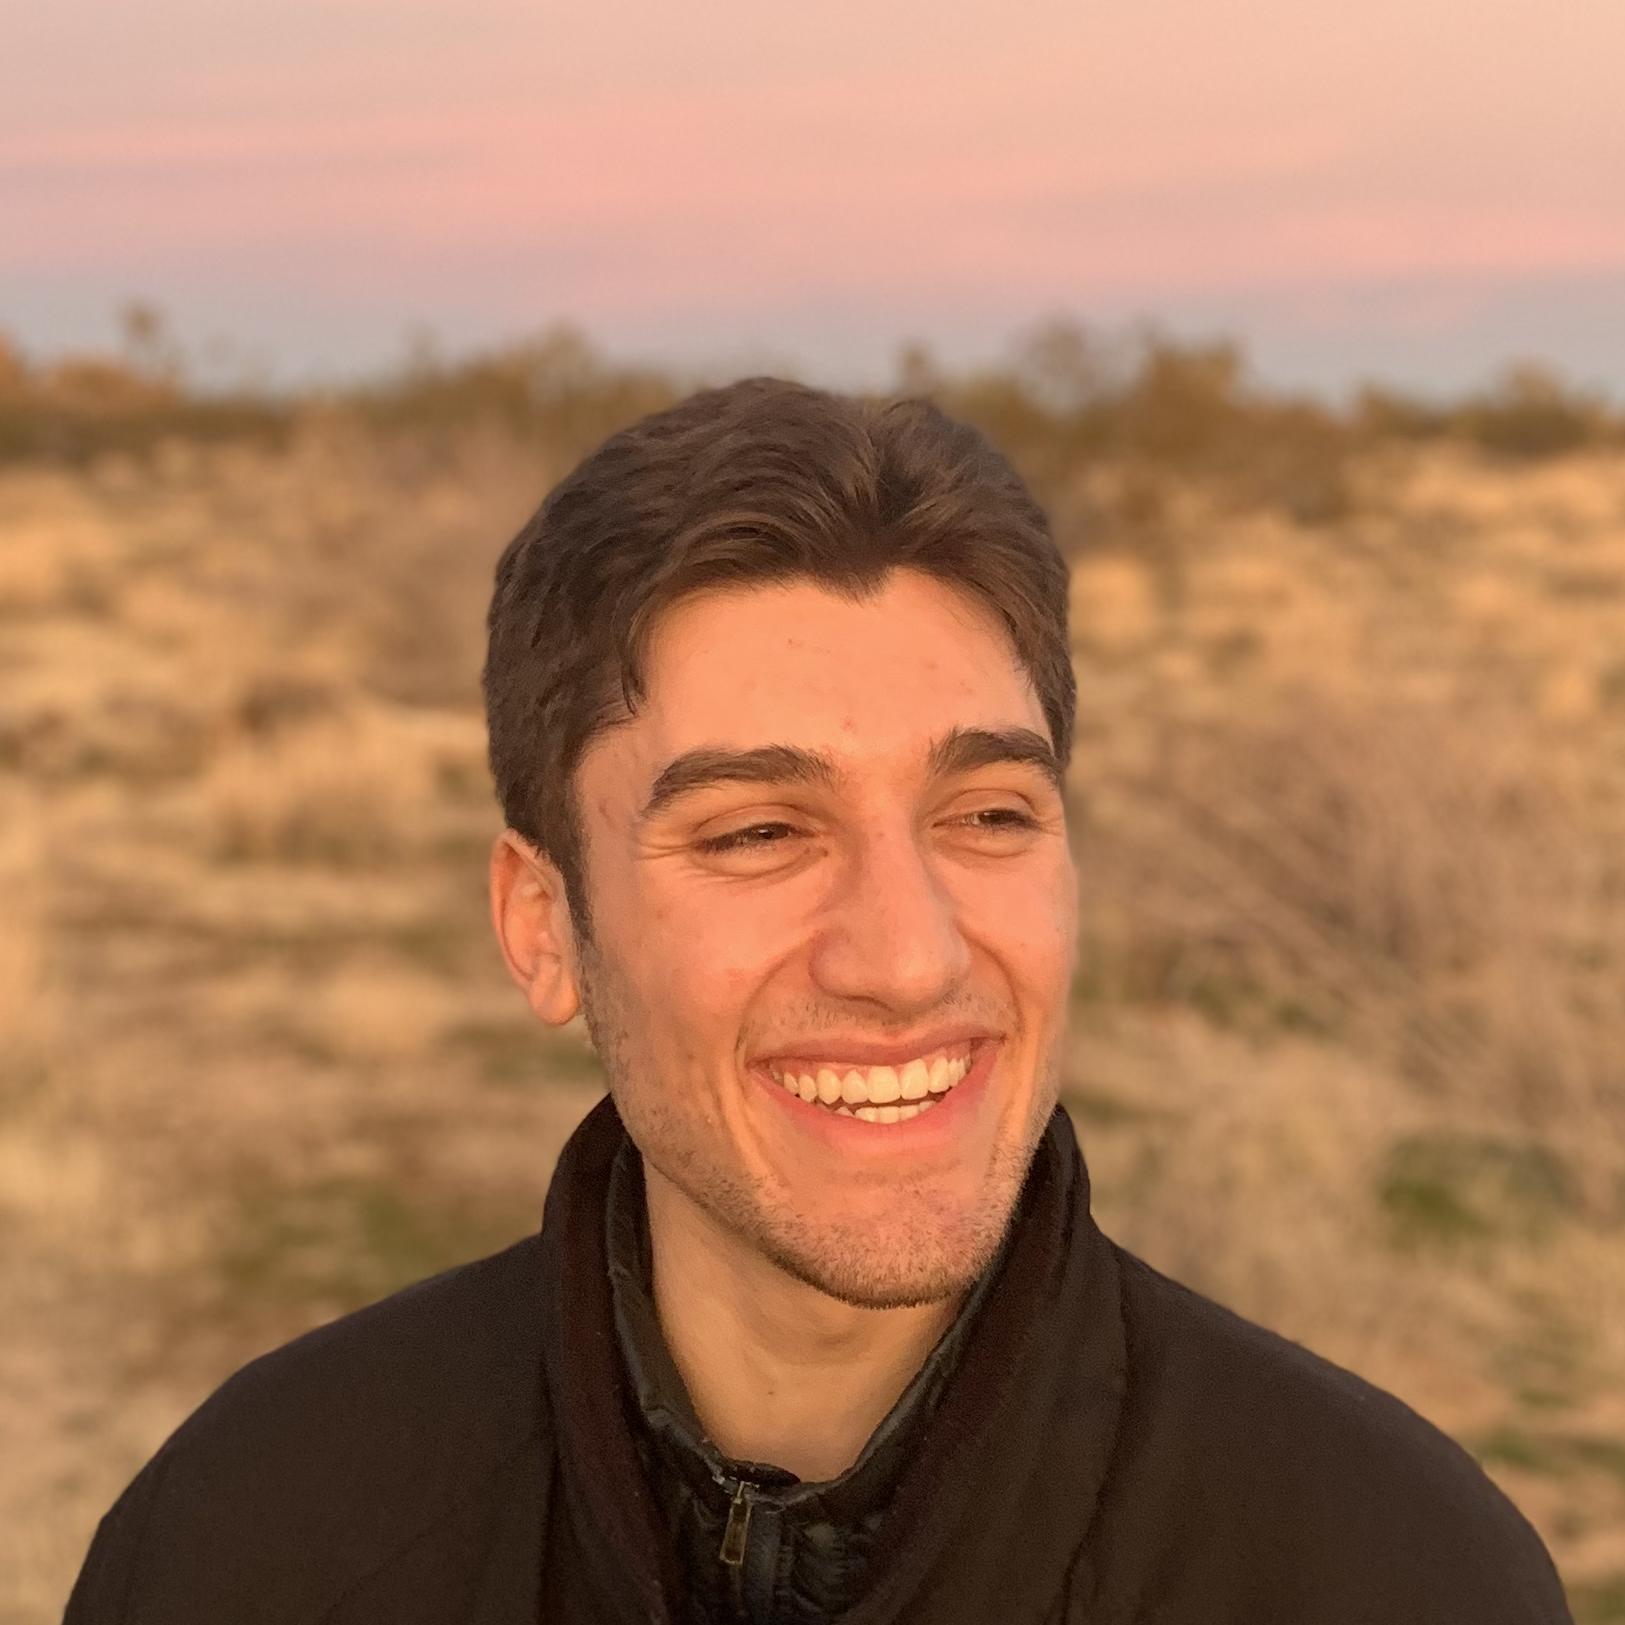 Andrew Battat - Co-president of Blockchain at UCLA